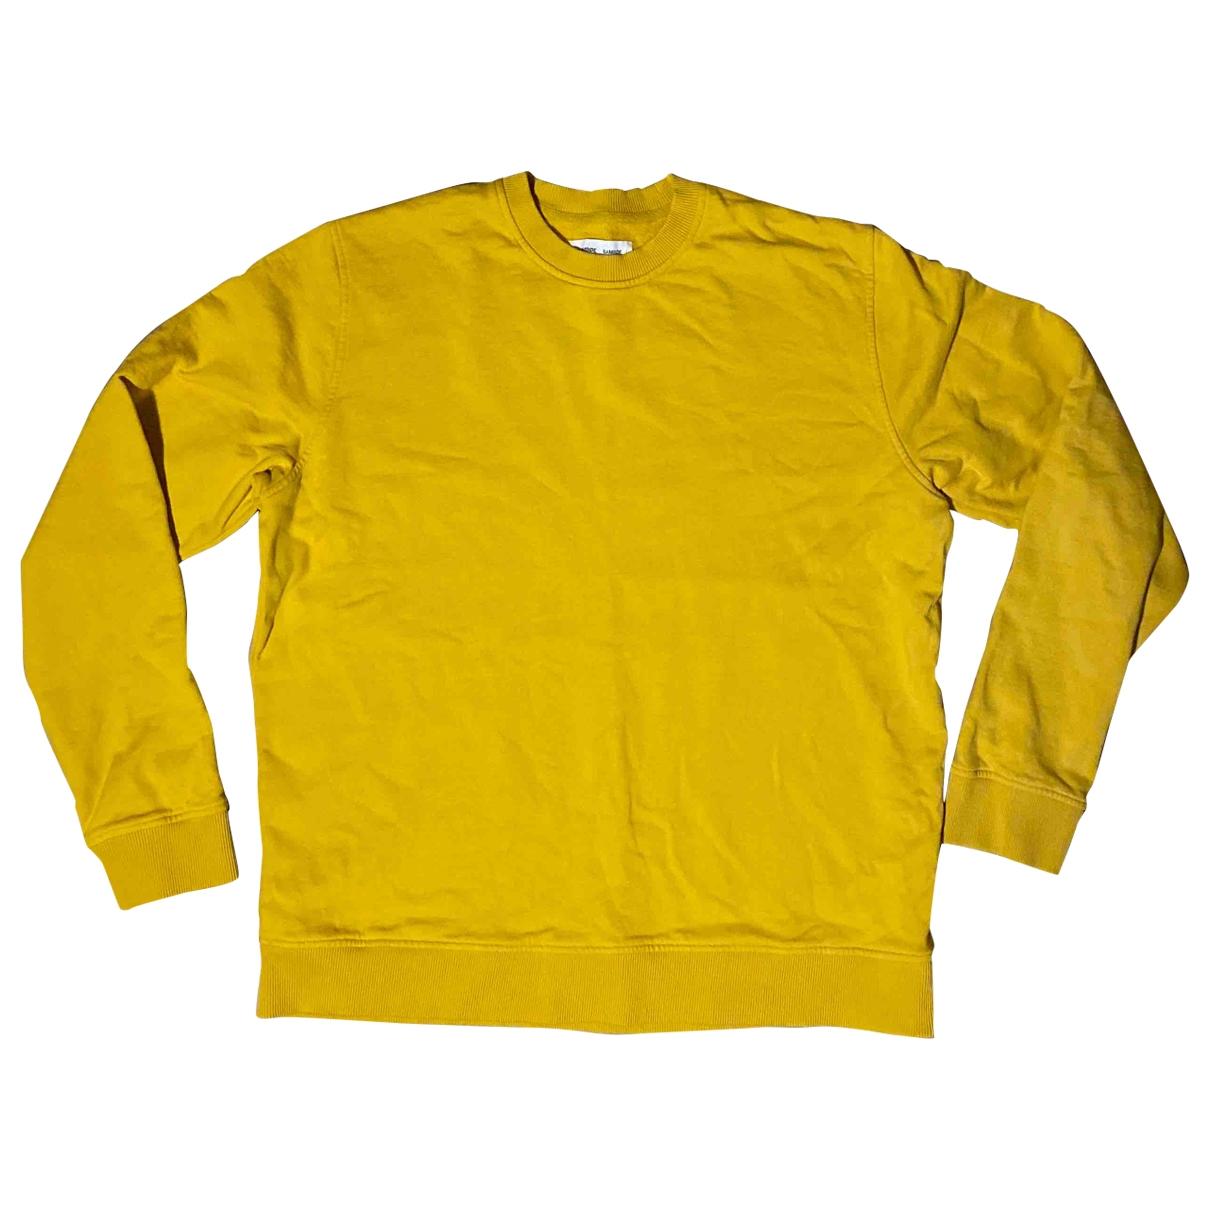 Samsoe & Samsoe \N Yellow Cotton Knitwear & Sweatshirts for Men XL International